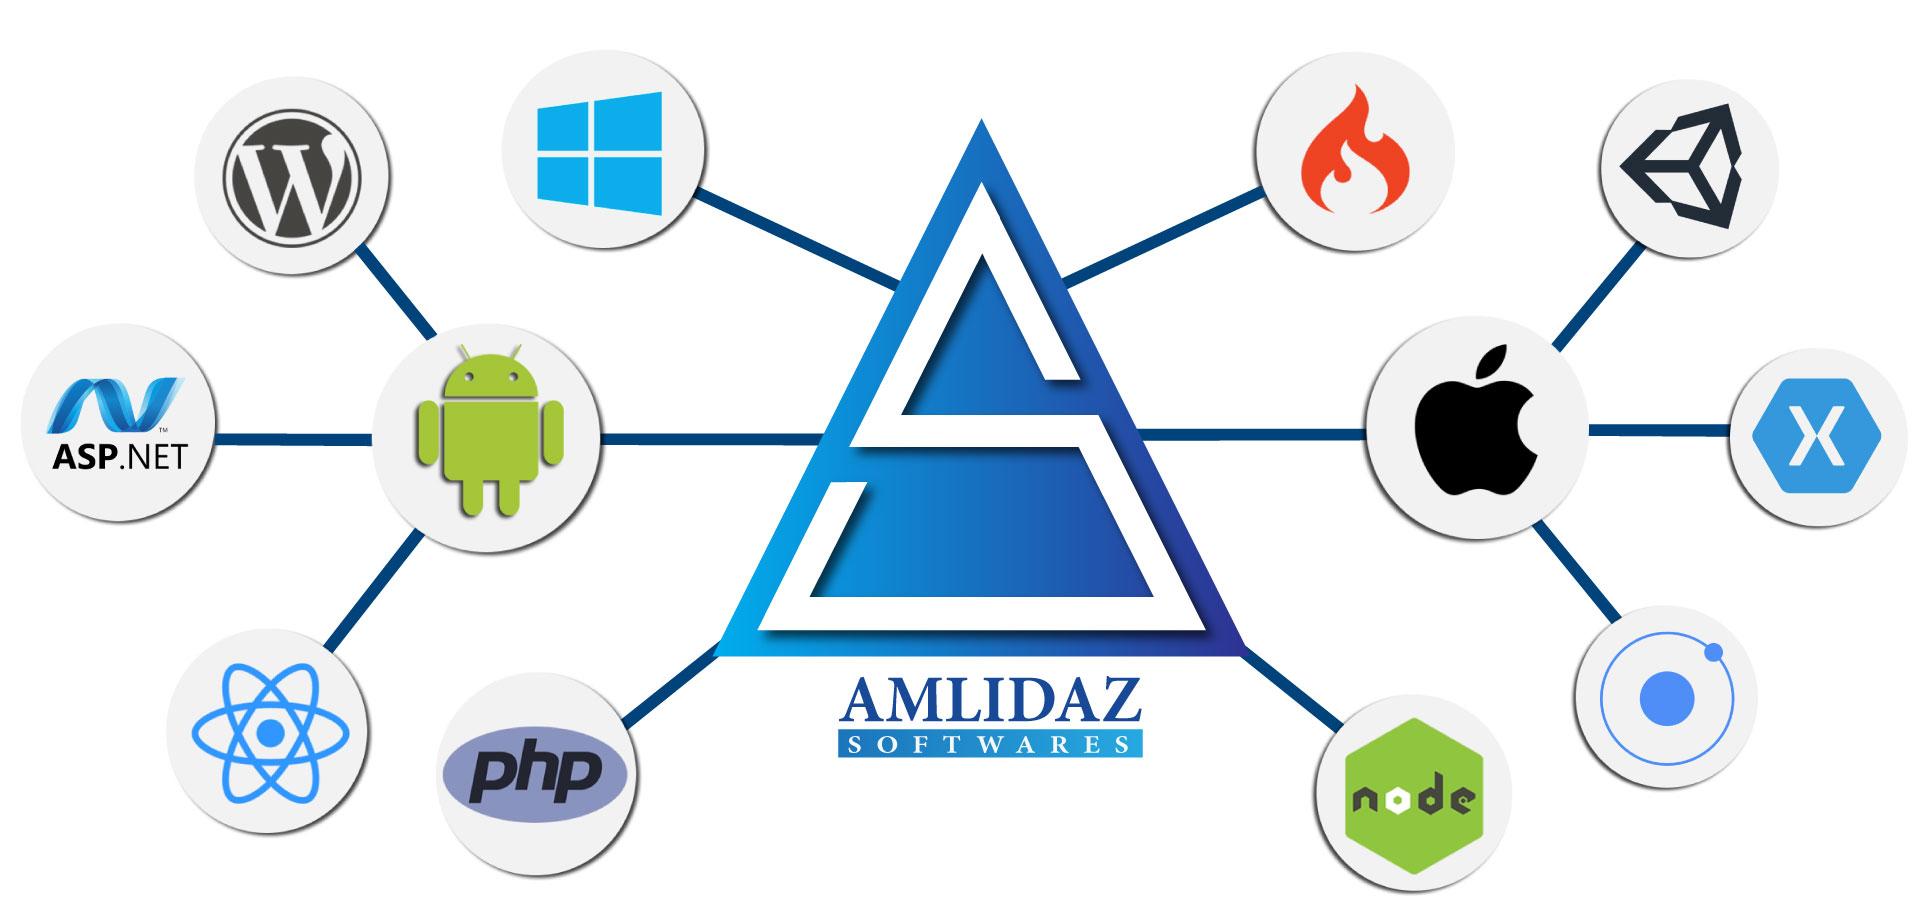 Amlidaz Softwares